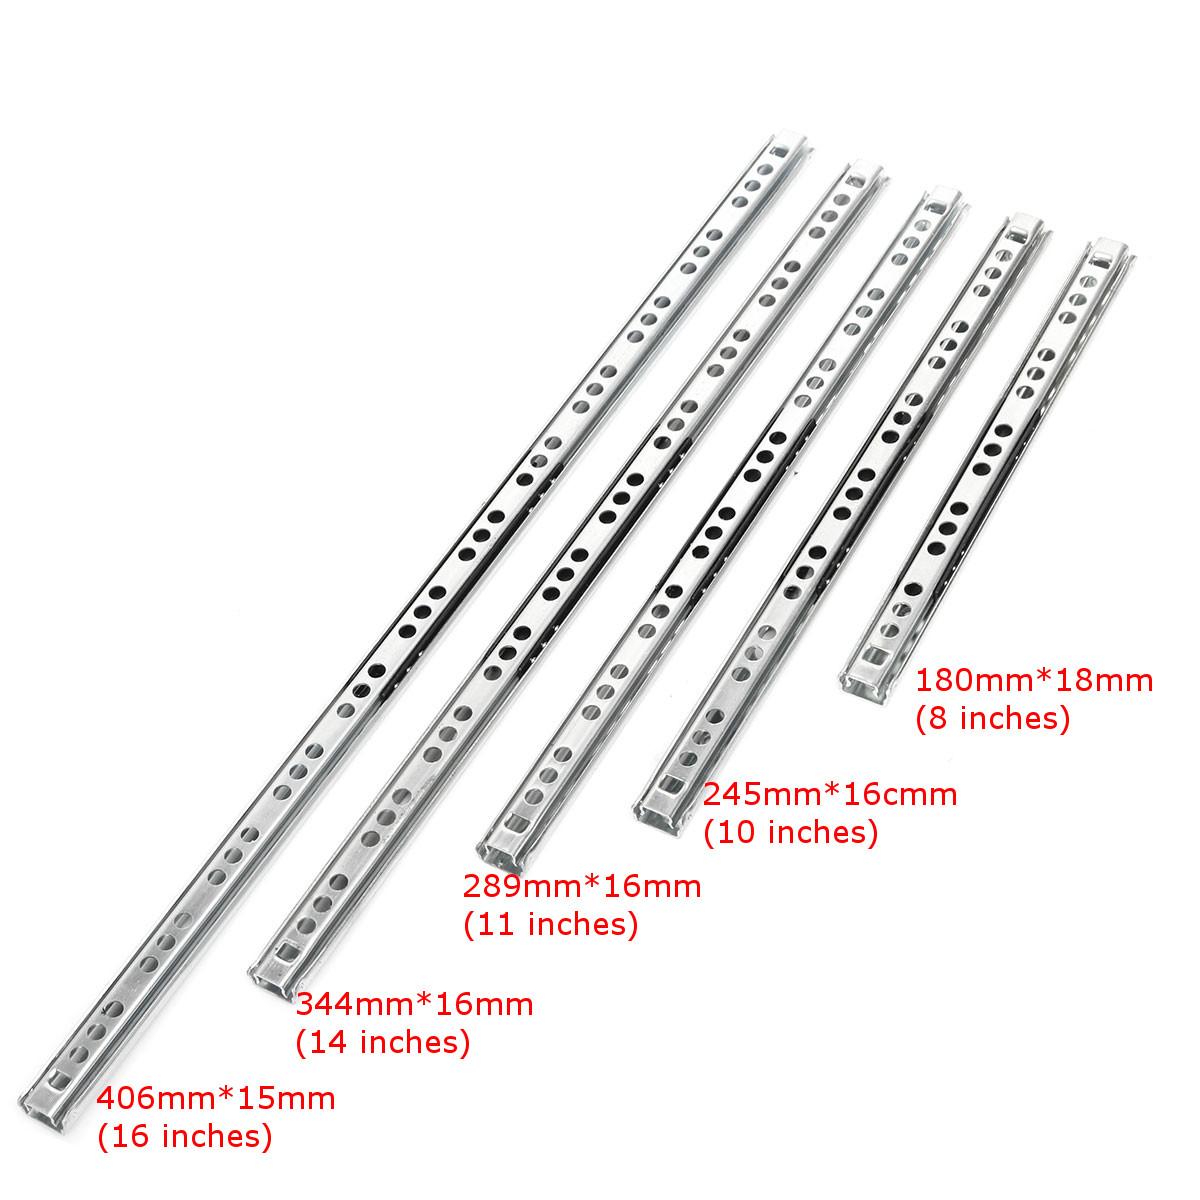 2pcs Metal Drawer Ball Bearing Slide Mute Guide Track 8